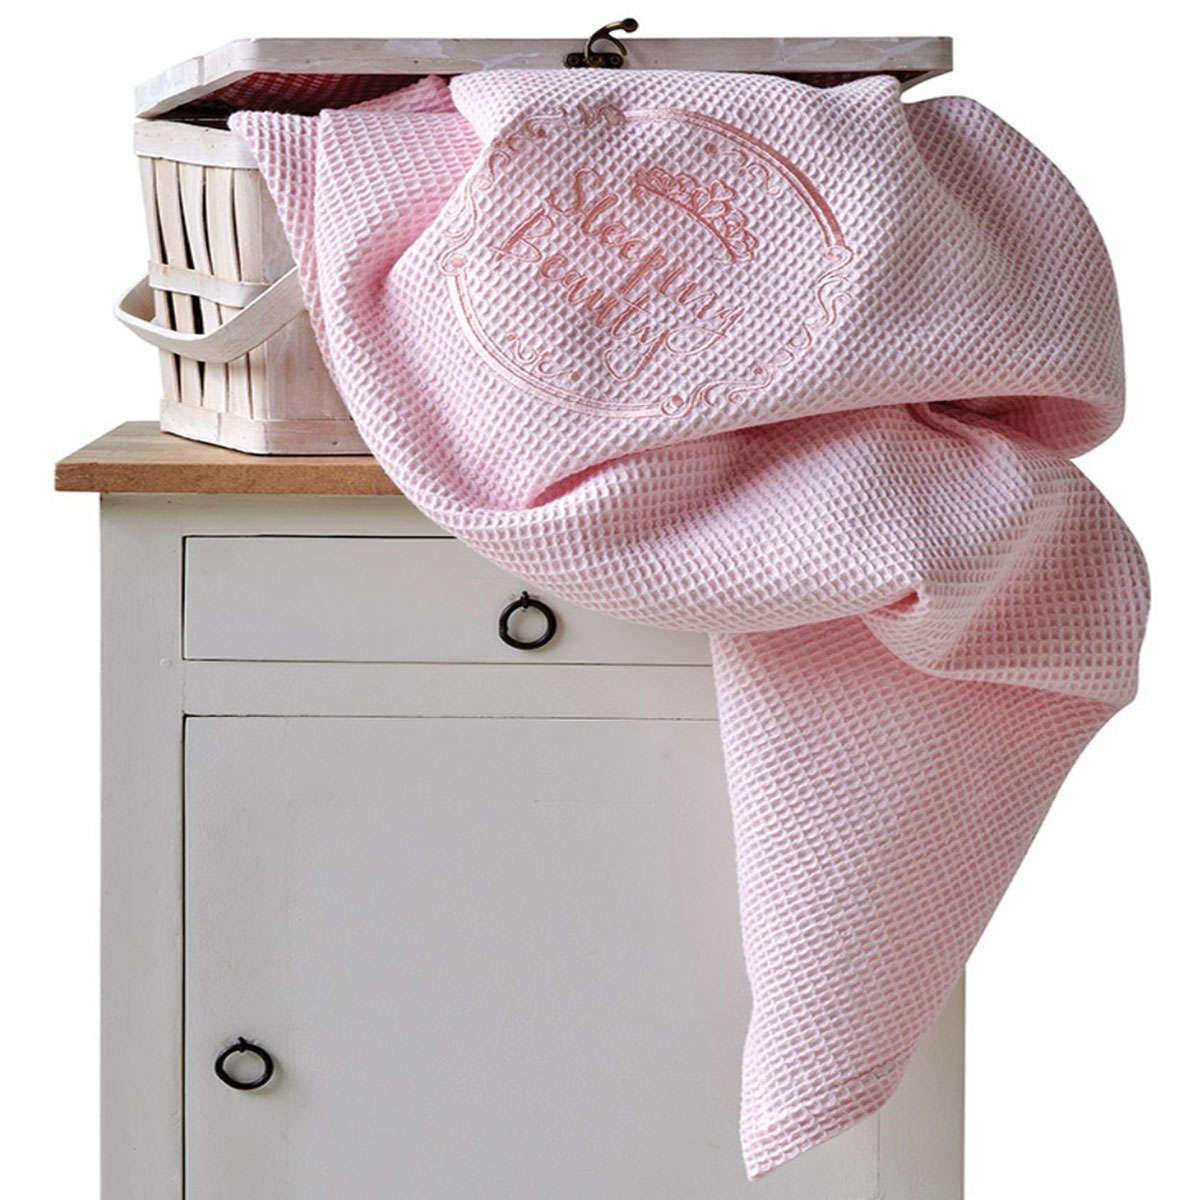 Βρεφική Κουβέρτα Beauty Pink Kentia Κούνιας 100x140cm